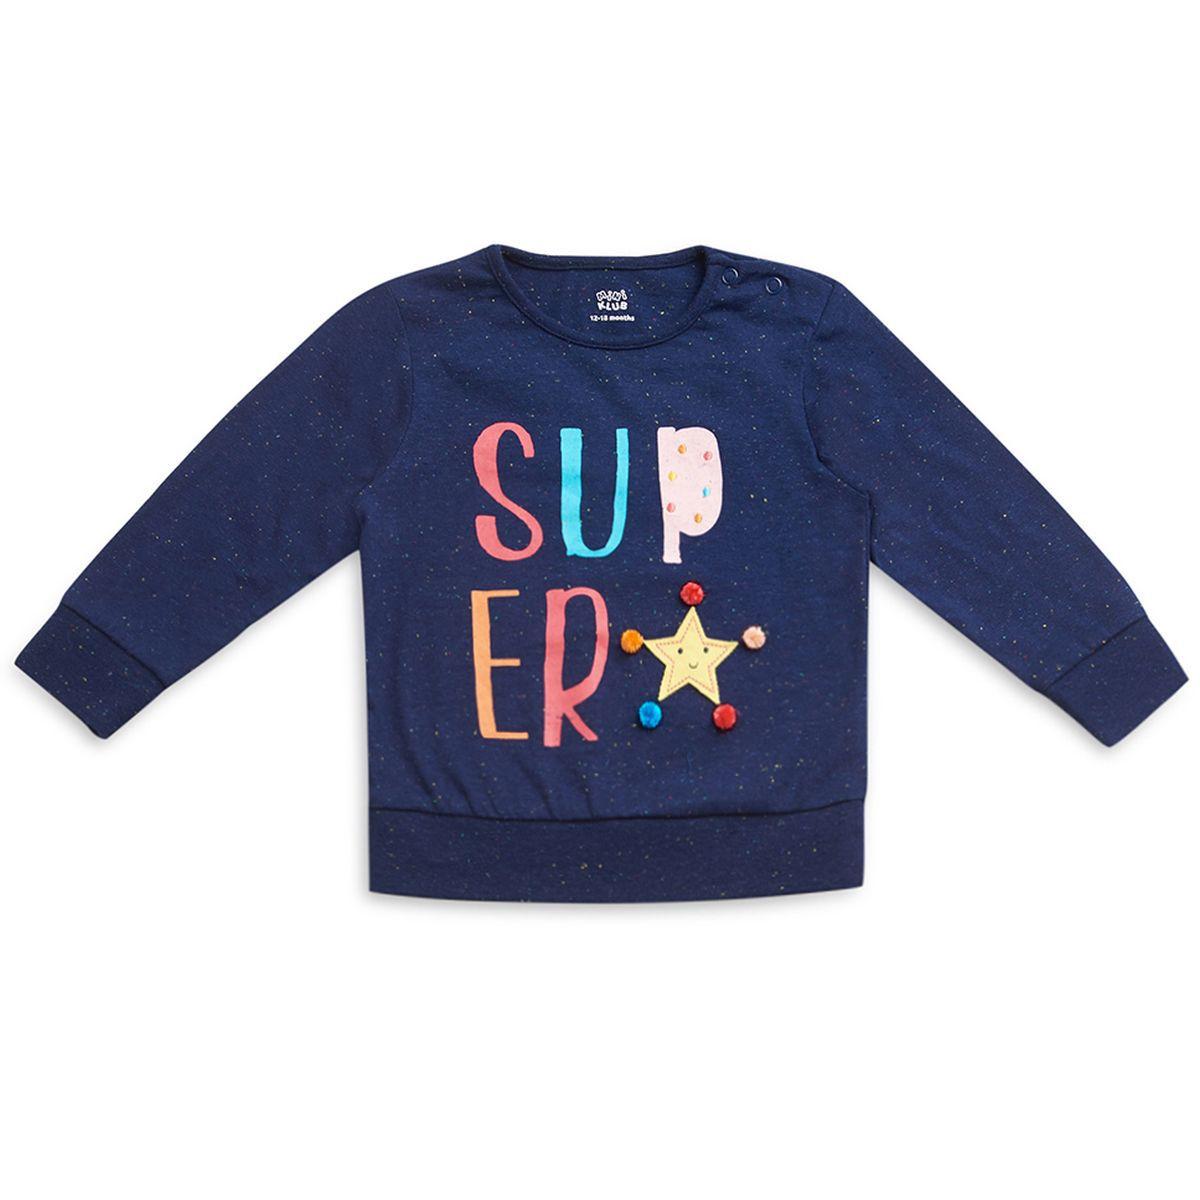 FS MiniKlub Girls Navy Sweatshirts